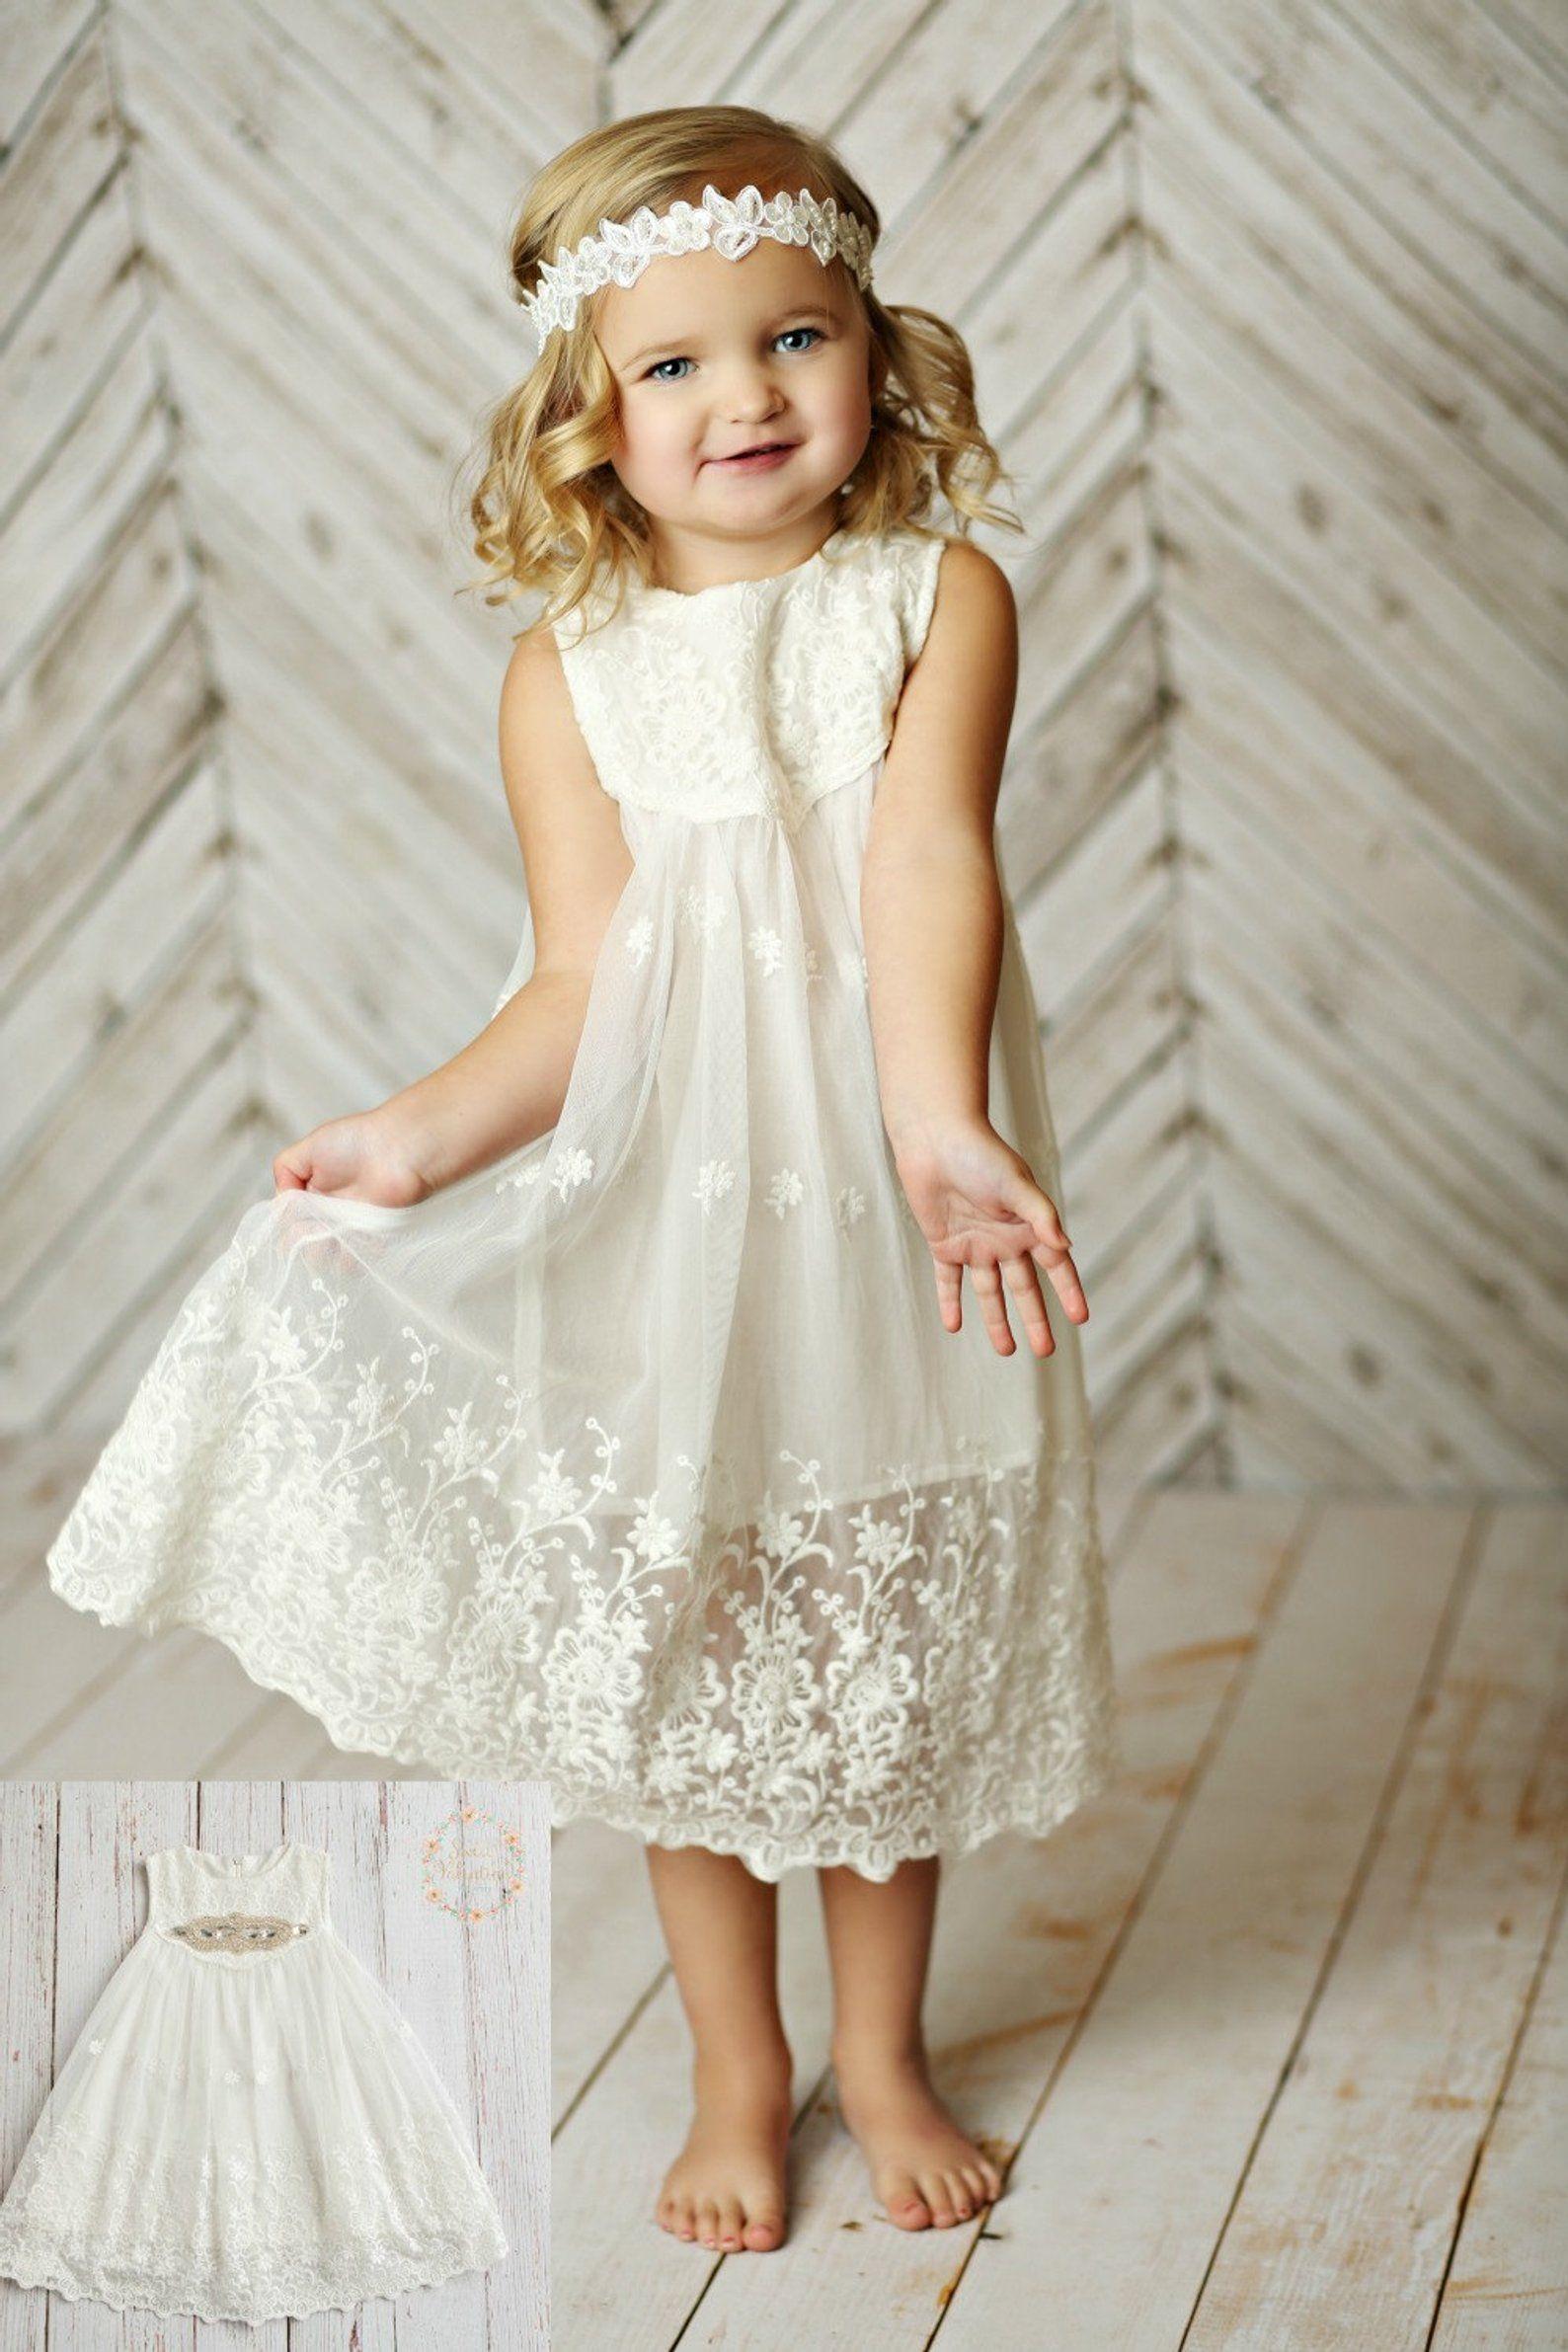 White Flower Girl Dress Girls Lace Dress Rustic Flower Girl Etsy Flower Girl Dresses Boho Rustic Flower Girl Dress Flower Girl Dress Lace